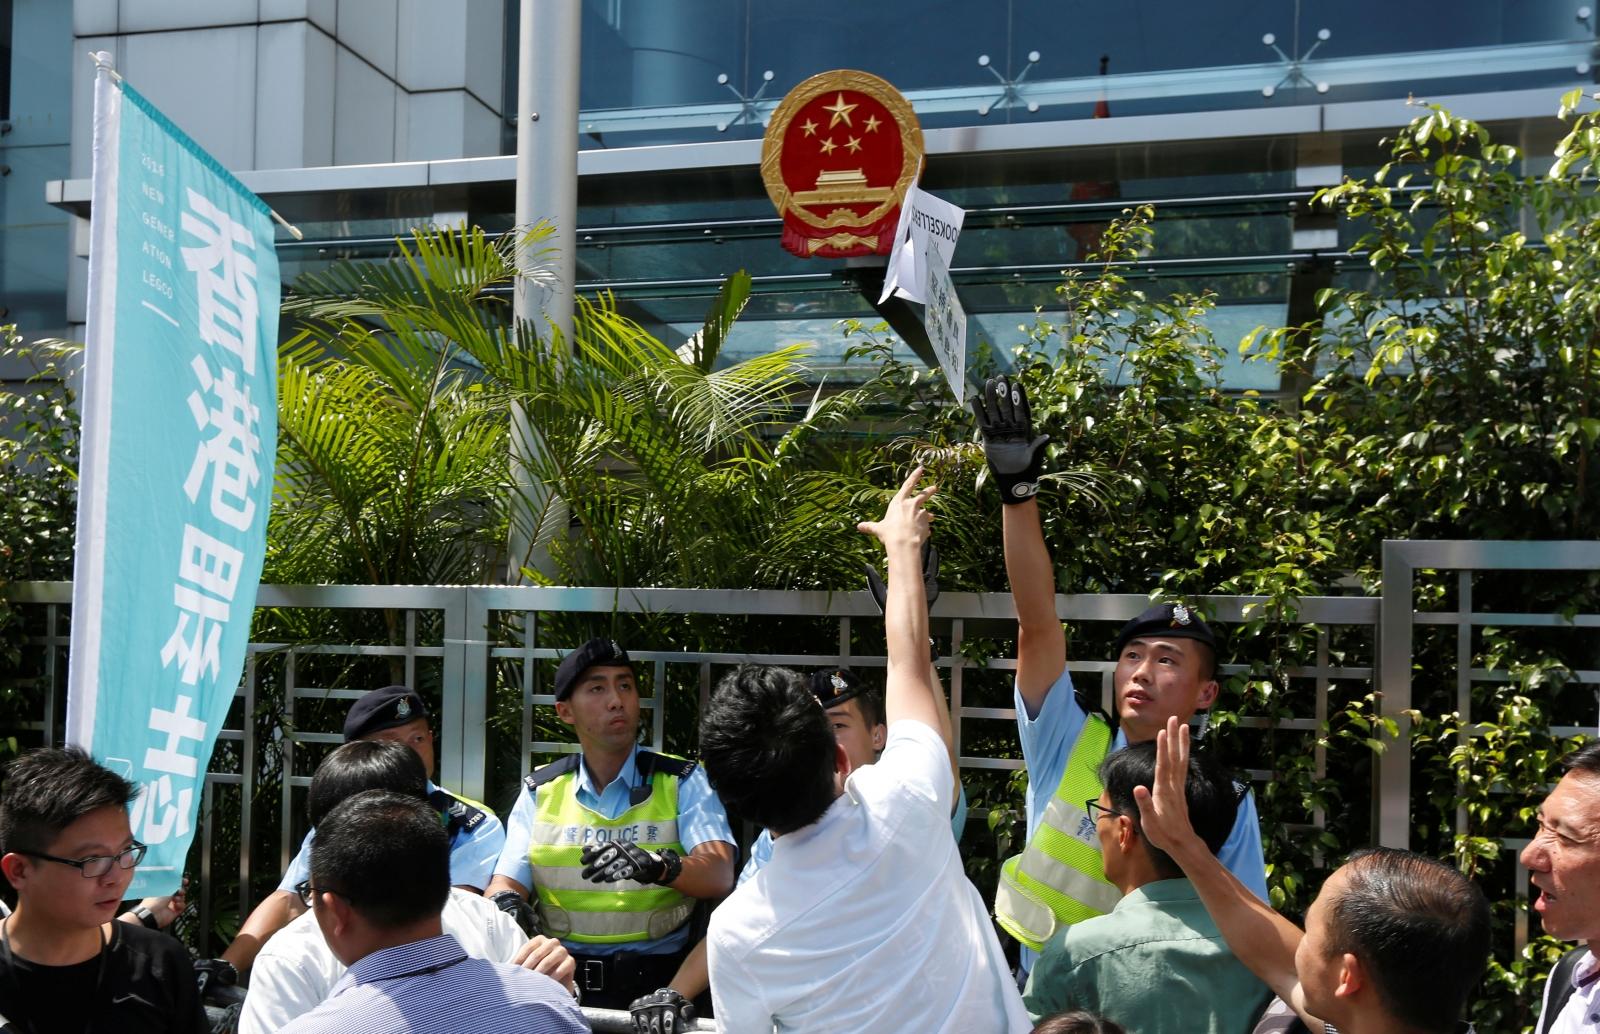 Hong Kong bookseller abduction